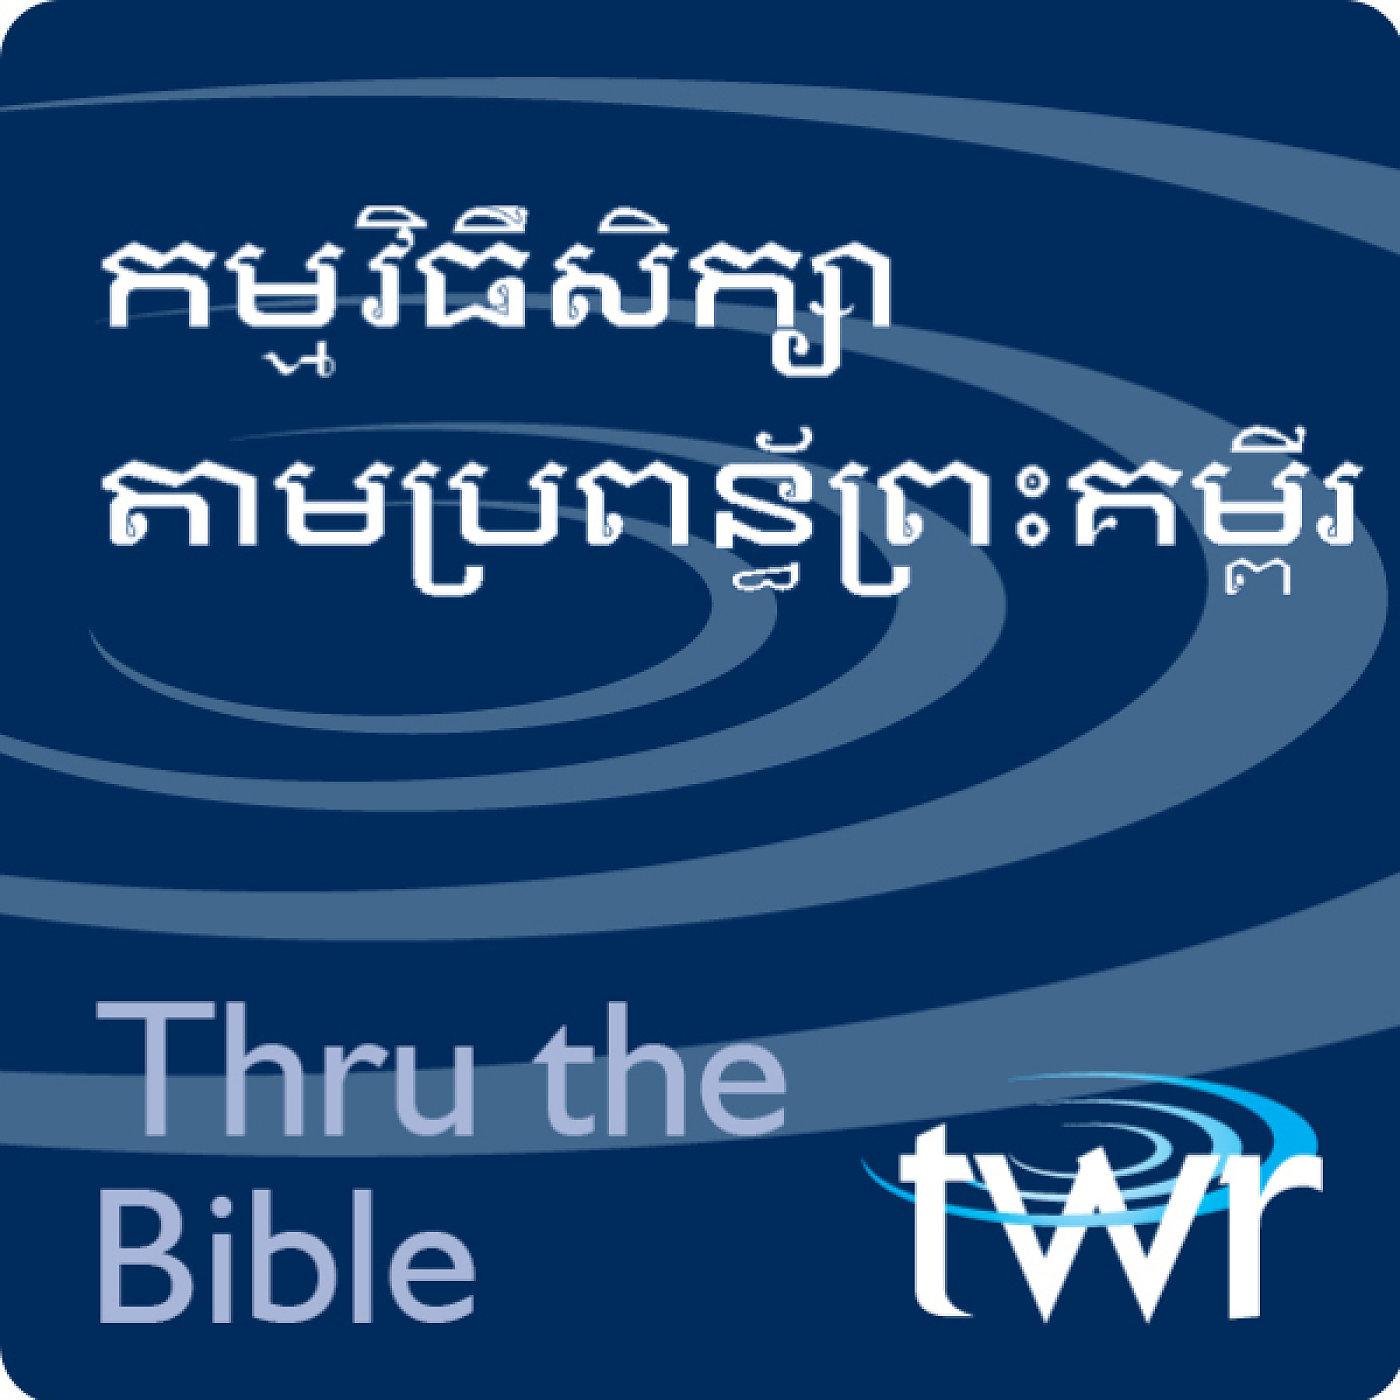 សិក្សាតាមប្រព័ន្ធព្រះគម្ពីរ - @ ttb.twr.org/khmer